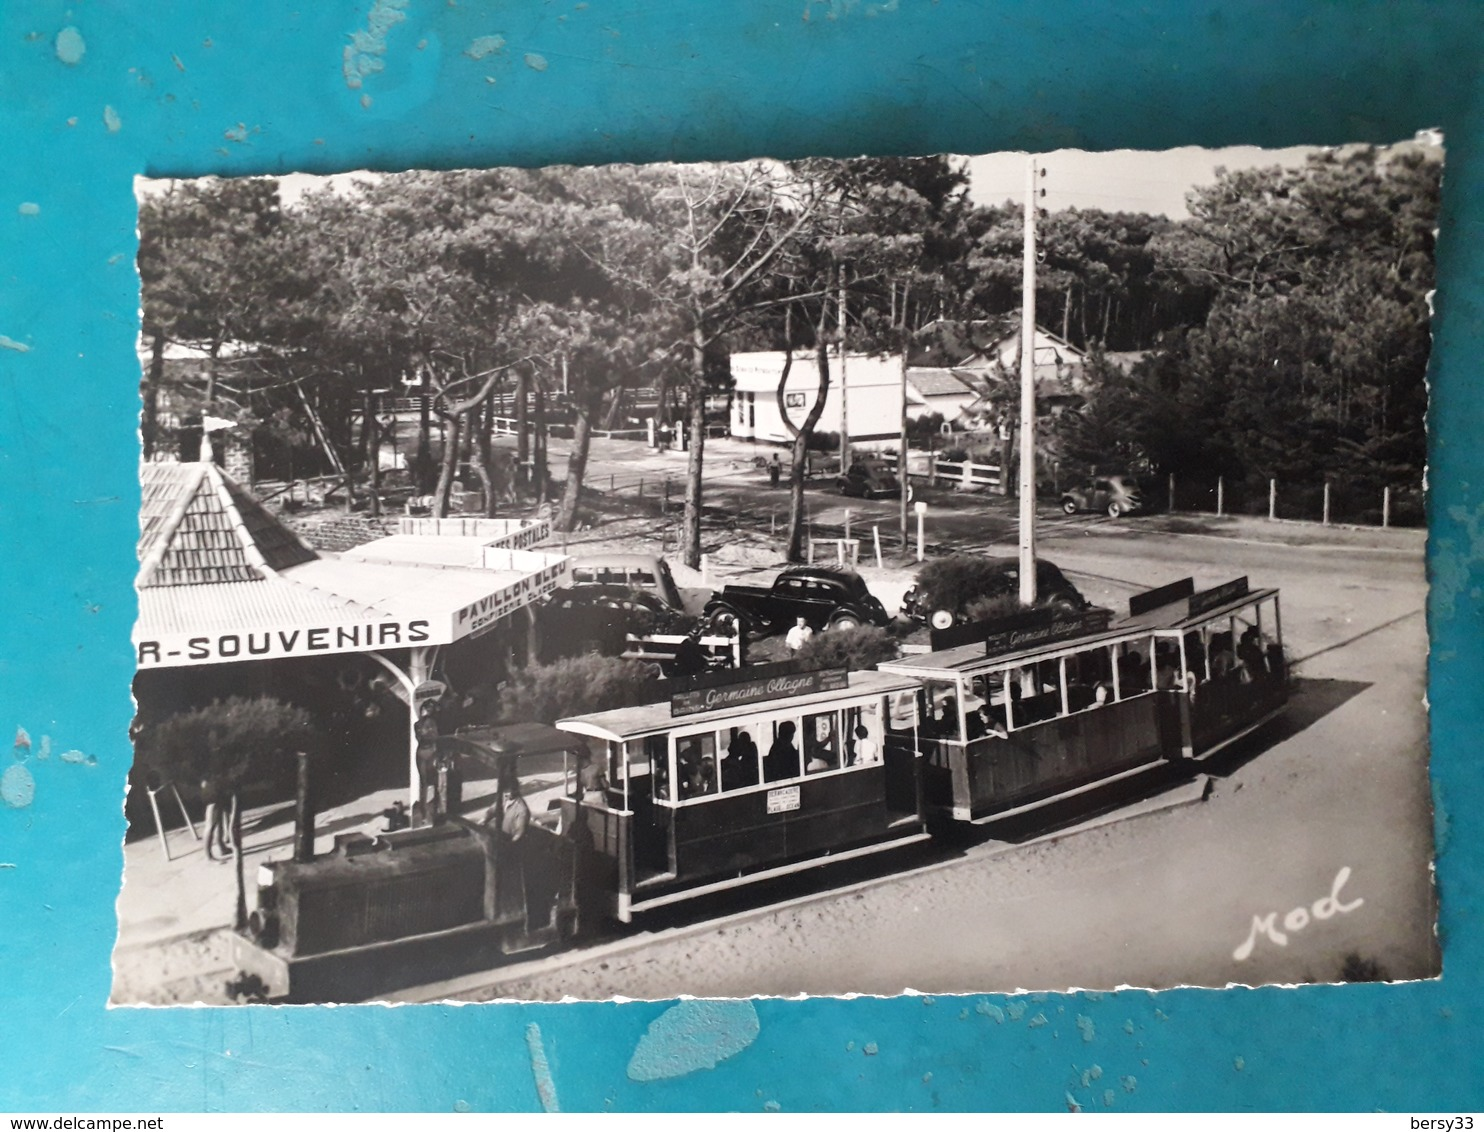 CPSM - LE CAP-FERRET- Le Petit Train Pour L'Océan - Pavillon Bleu: Souvenirs, Confiserie, Glaces-  Ed. MOD - 2 SCANS - France